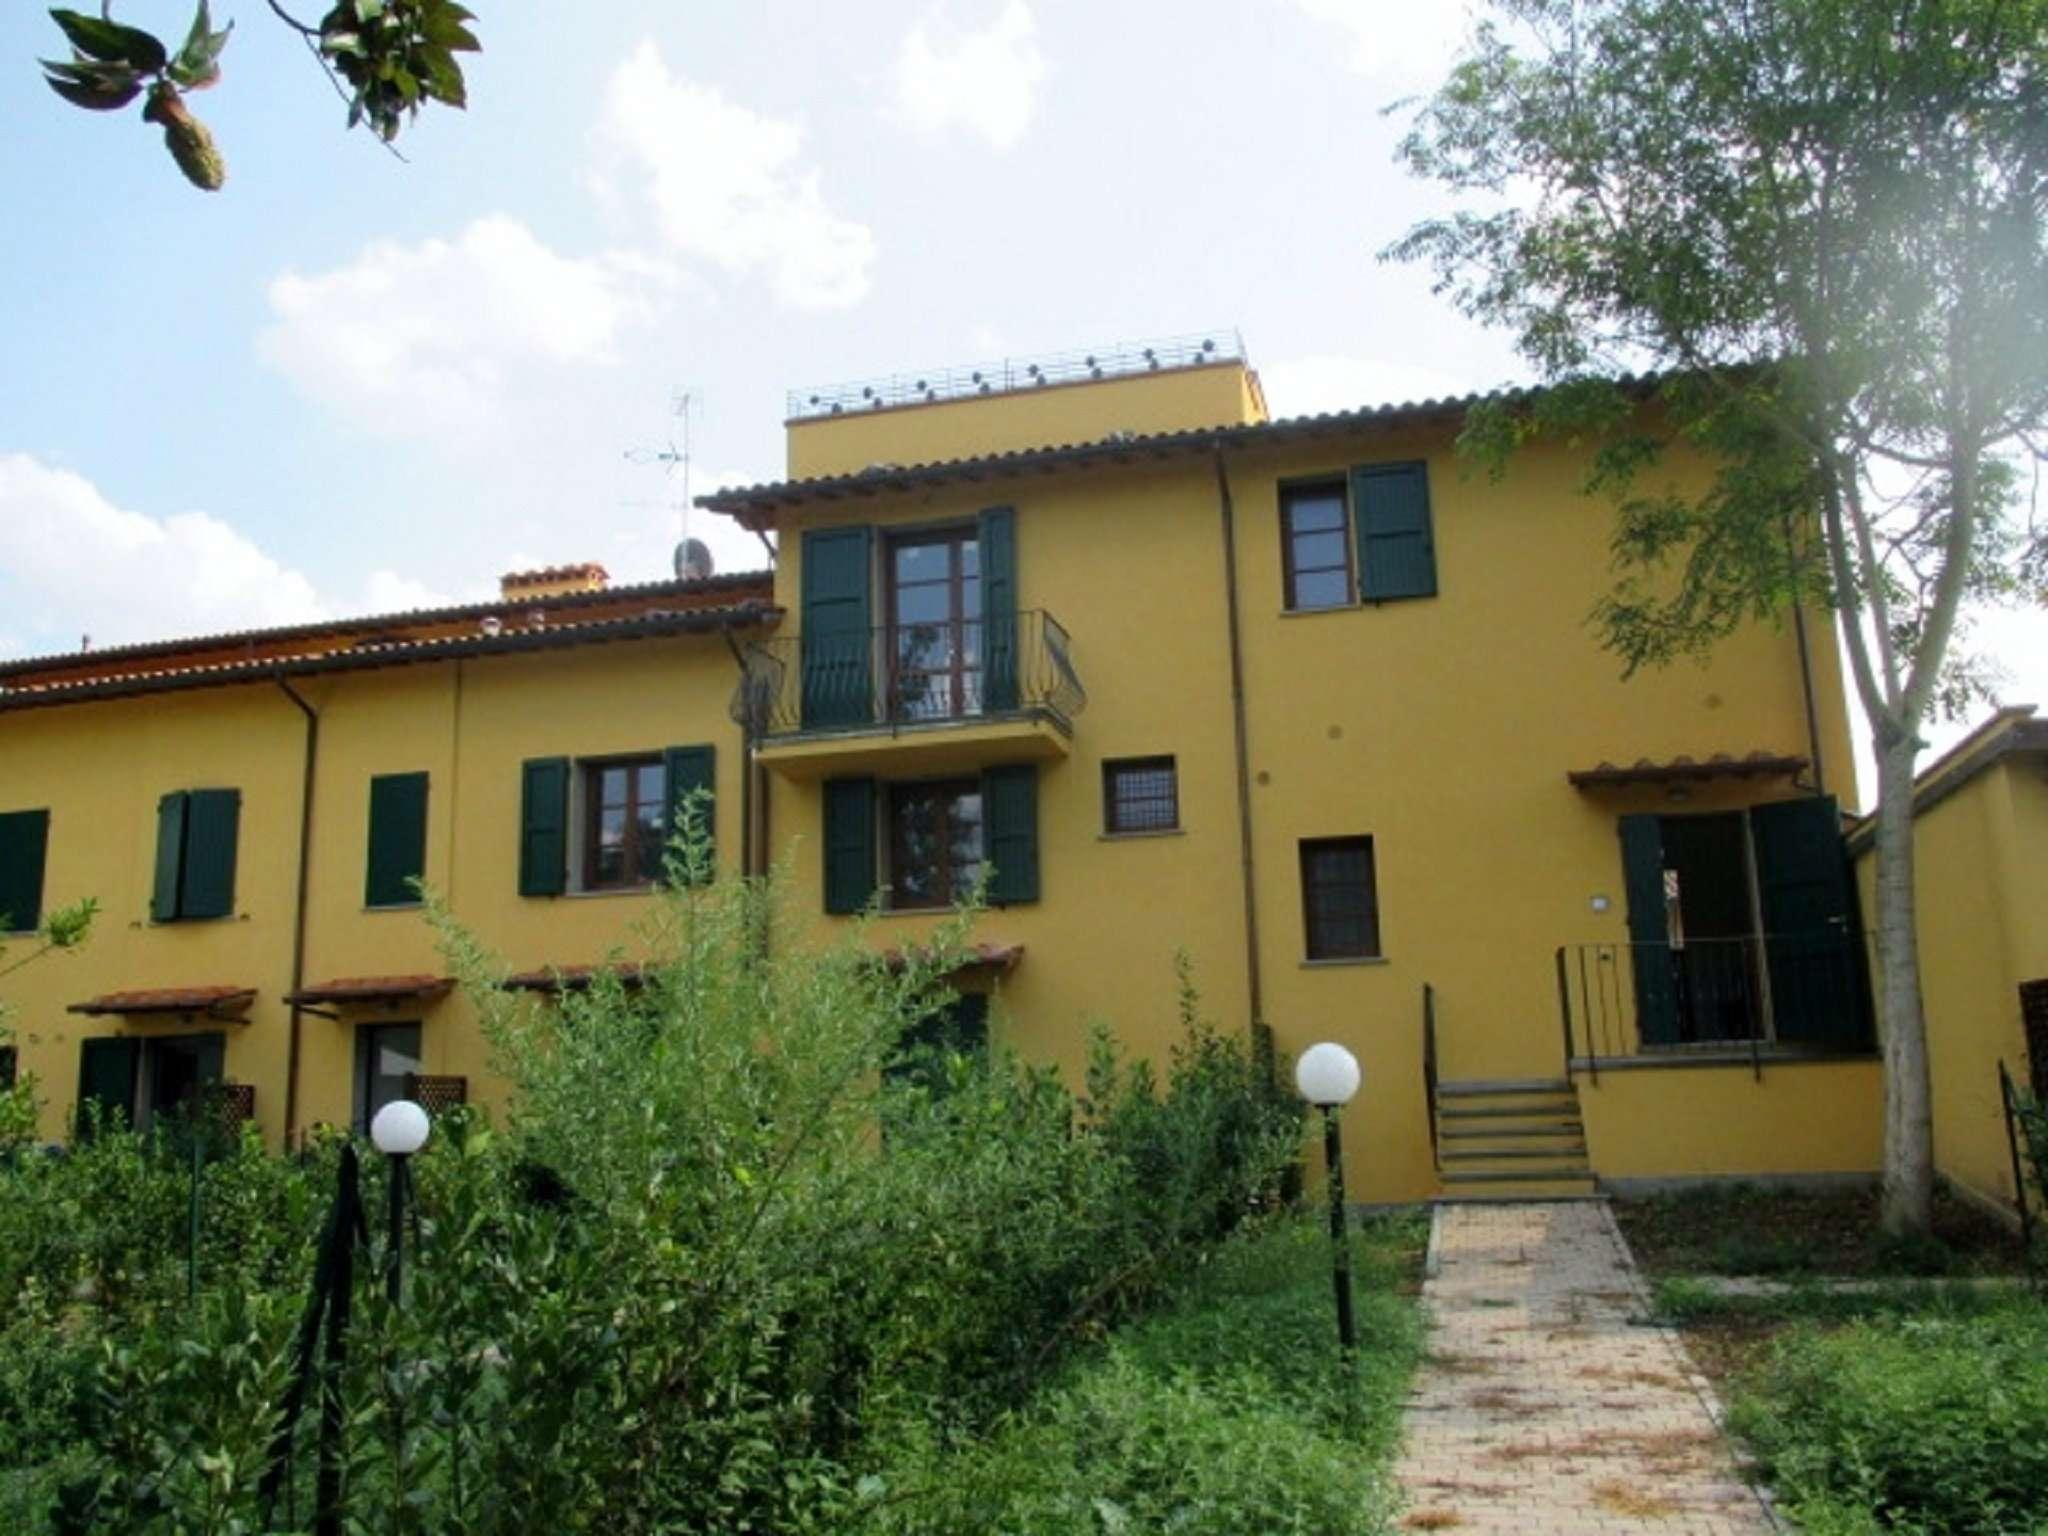 Palazzo / Stabile in vendita a Lastra a Signa, 4 locali, prezzo € 260.000 | CambioCasa.it